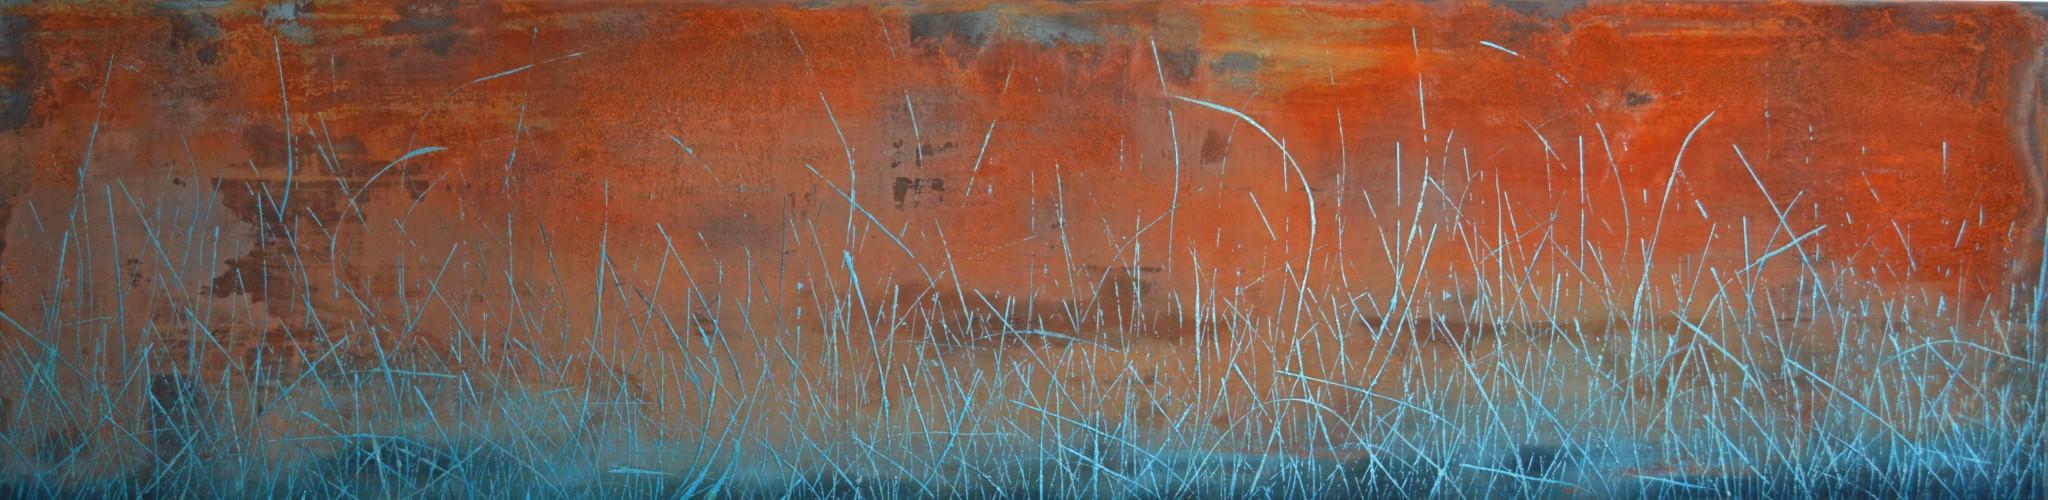 Rost/Lack/Öl/Sand/Leinwand, 160 x 40 cm